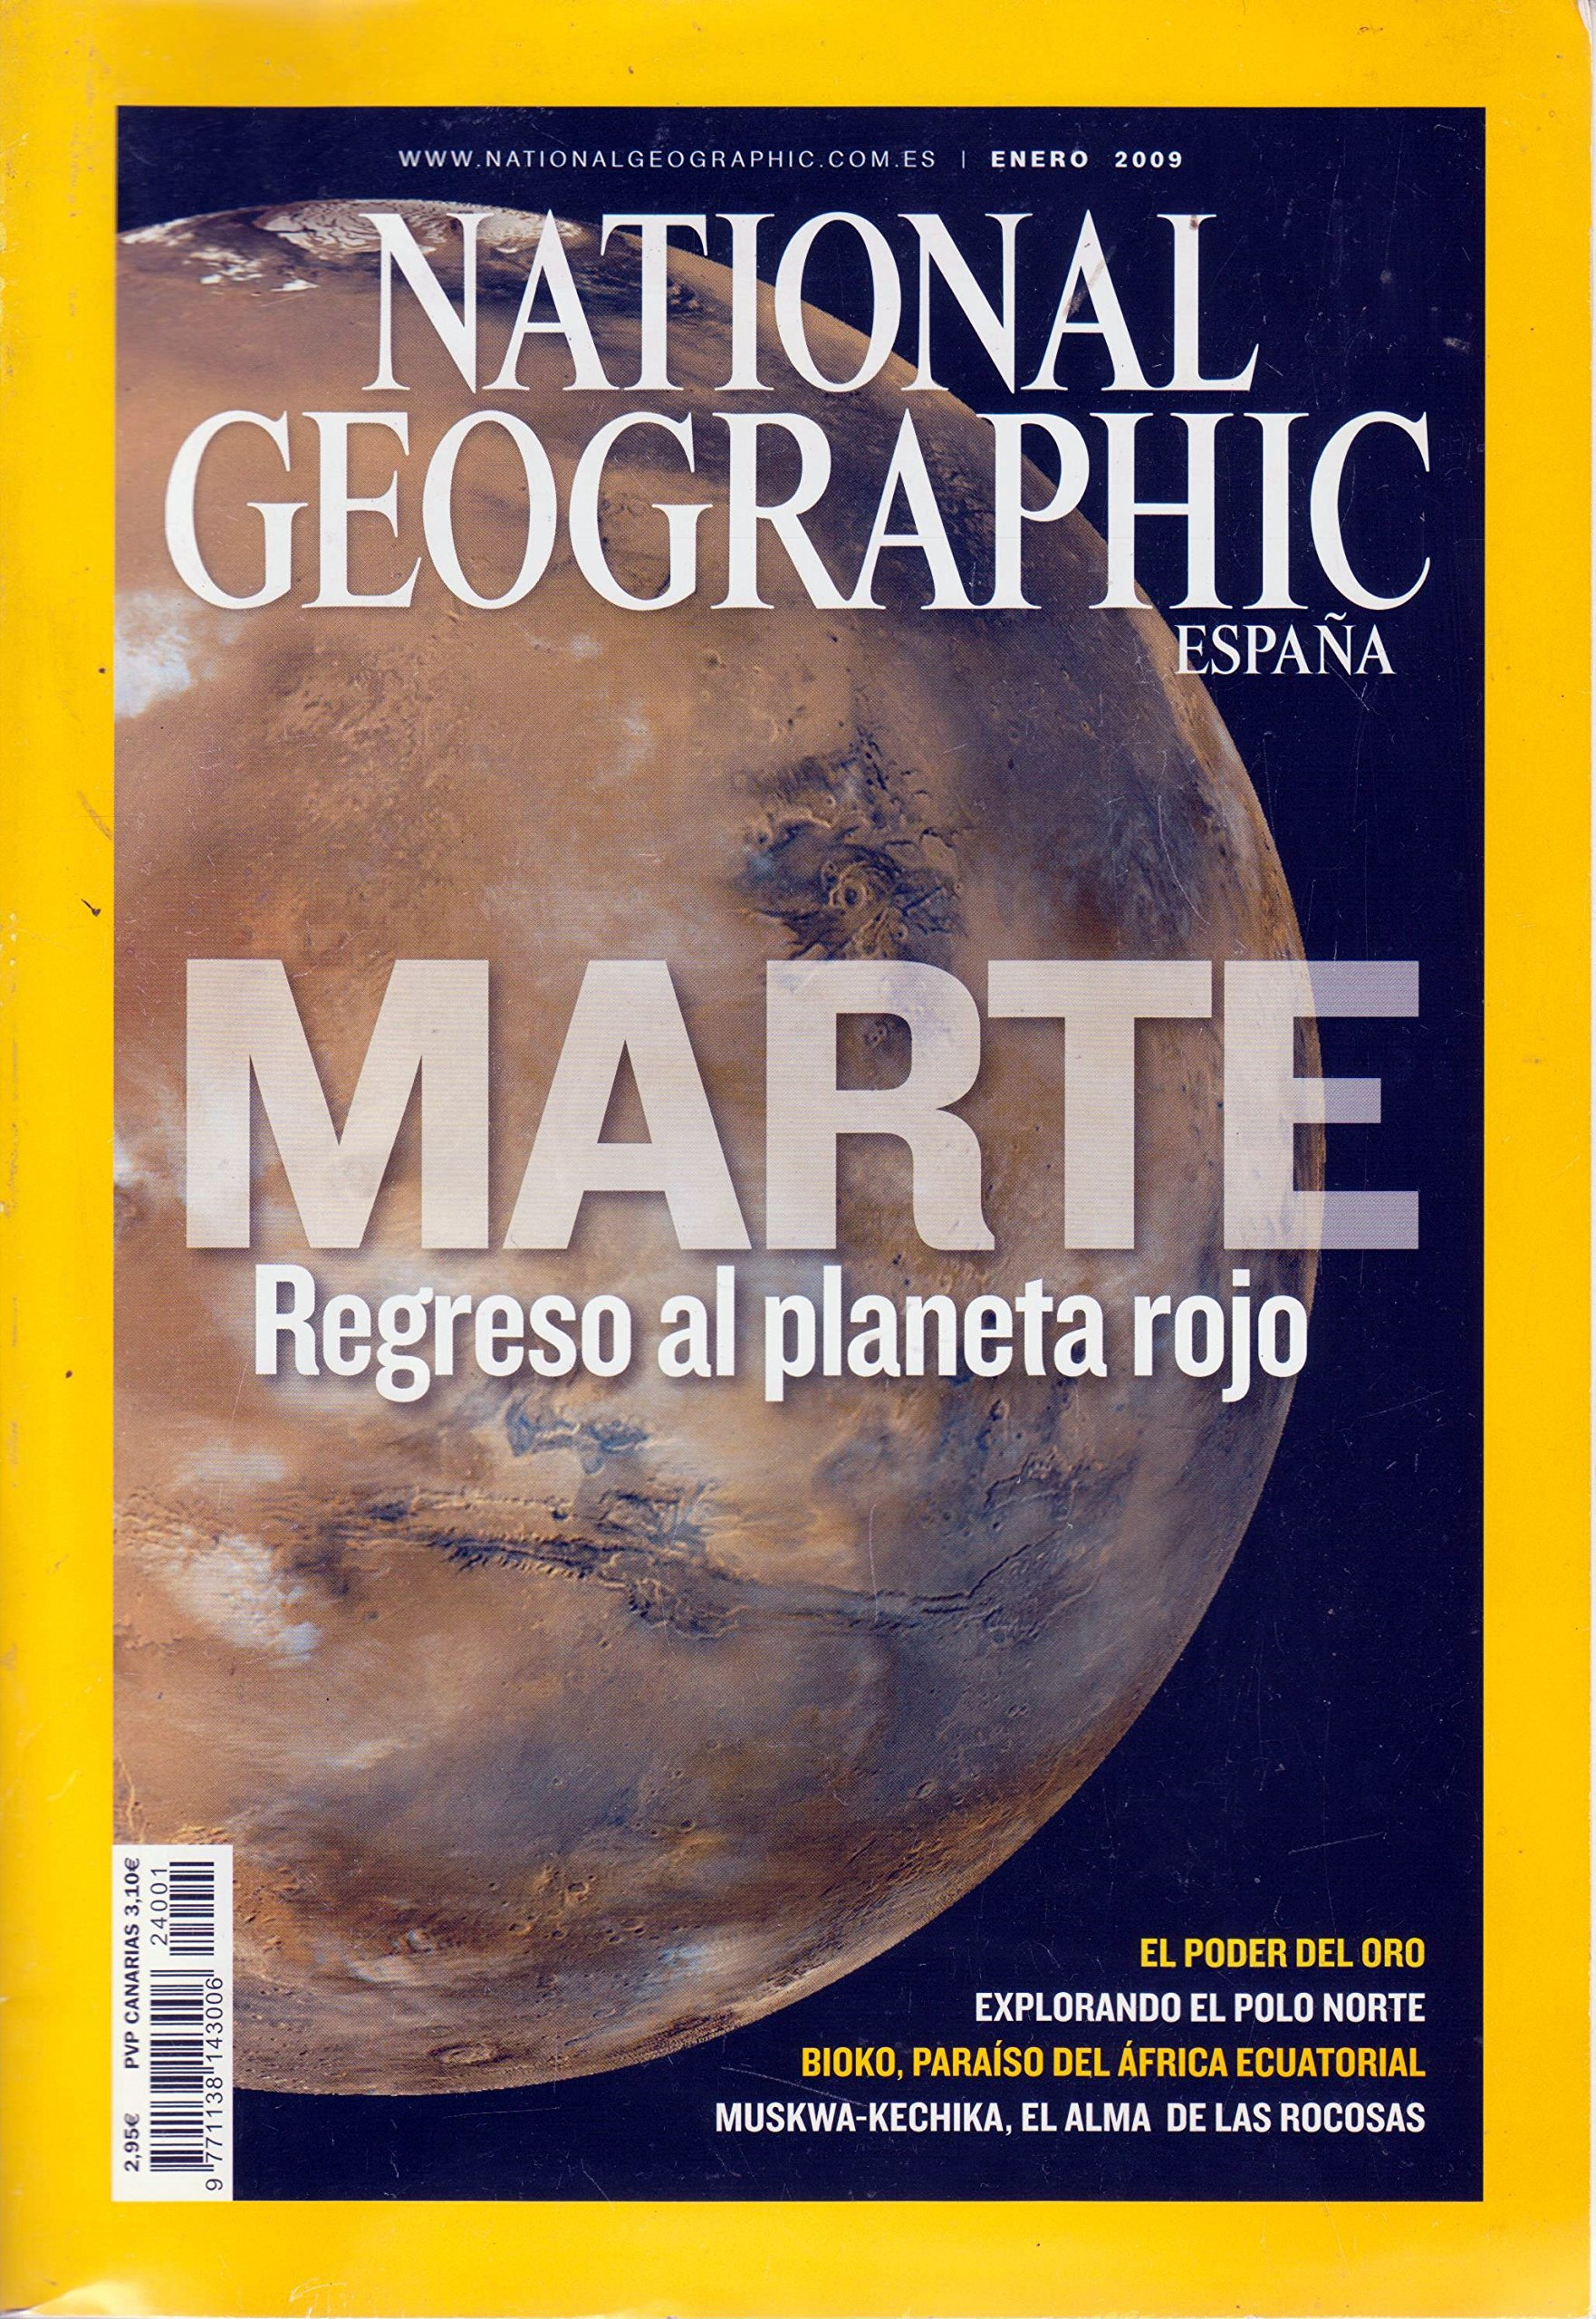 NATIONAL GEOGRAPHIC Enero 2009 vol 24 nº 1 MARTE REGRESO AL ...